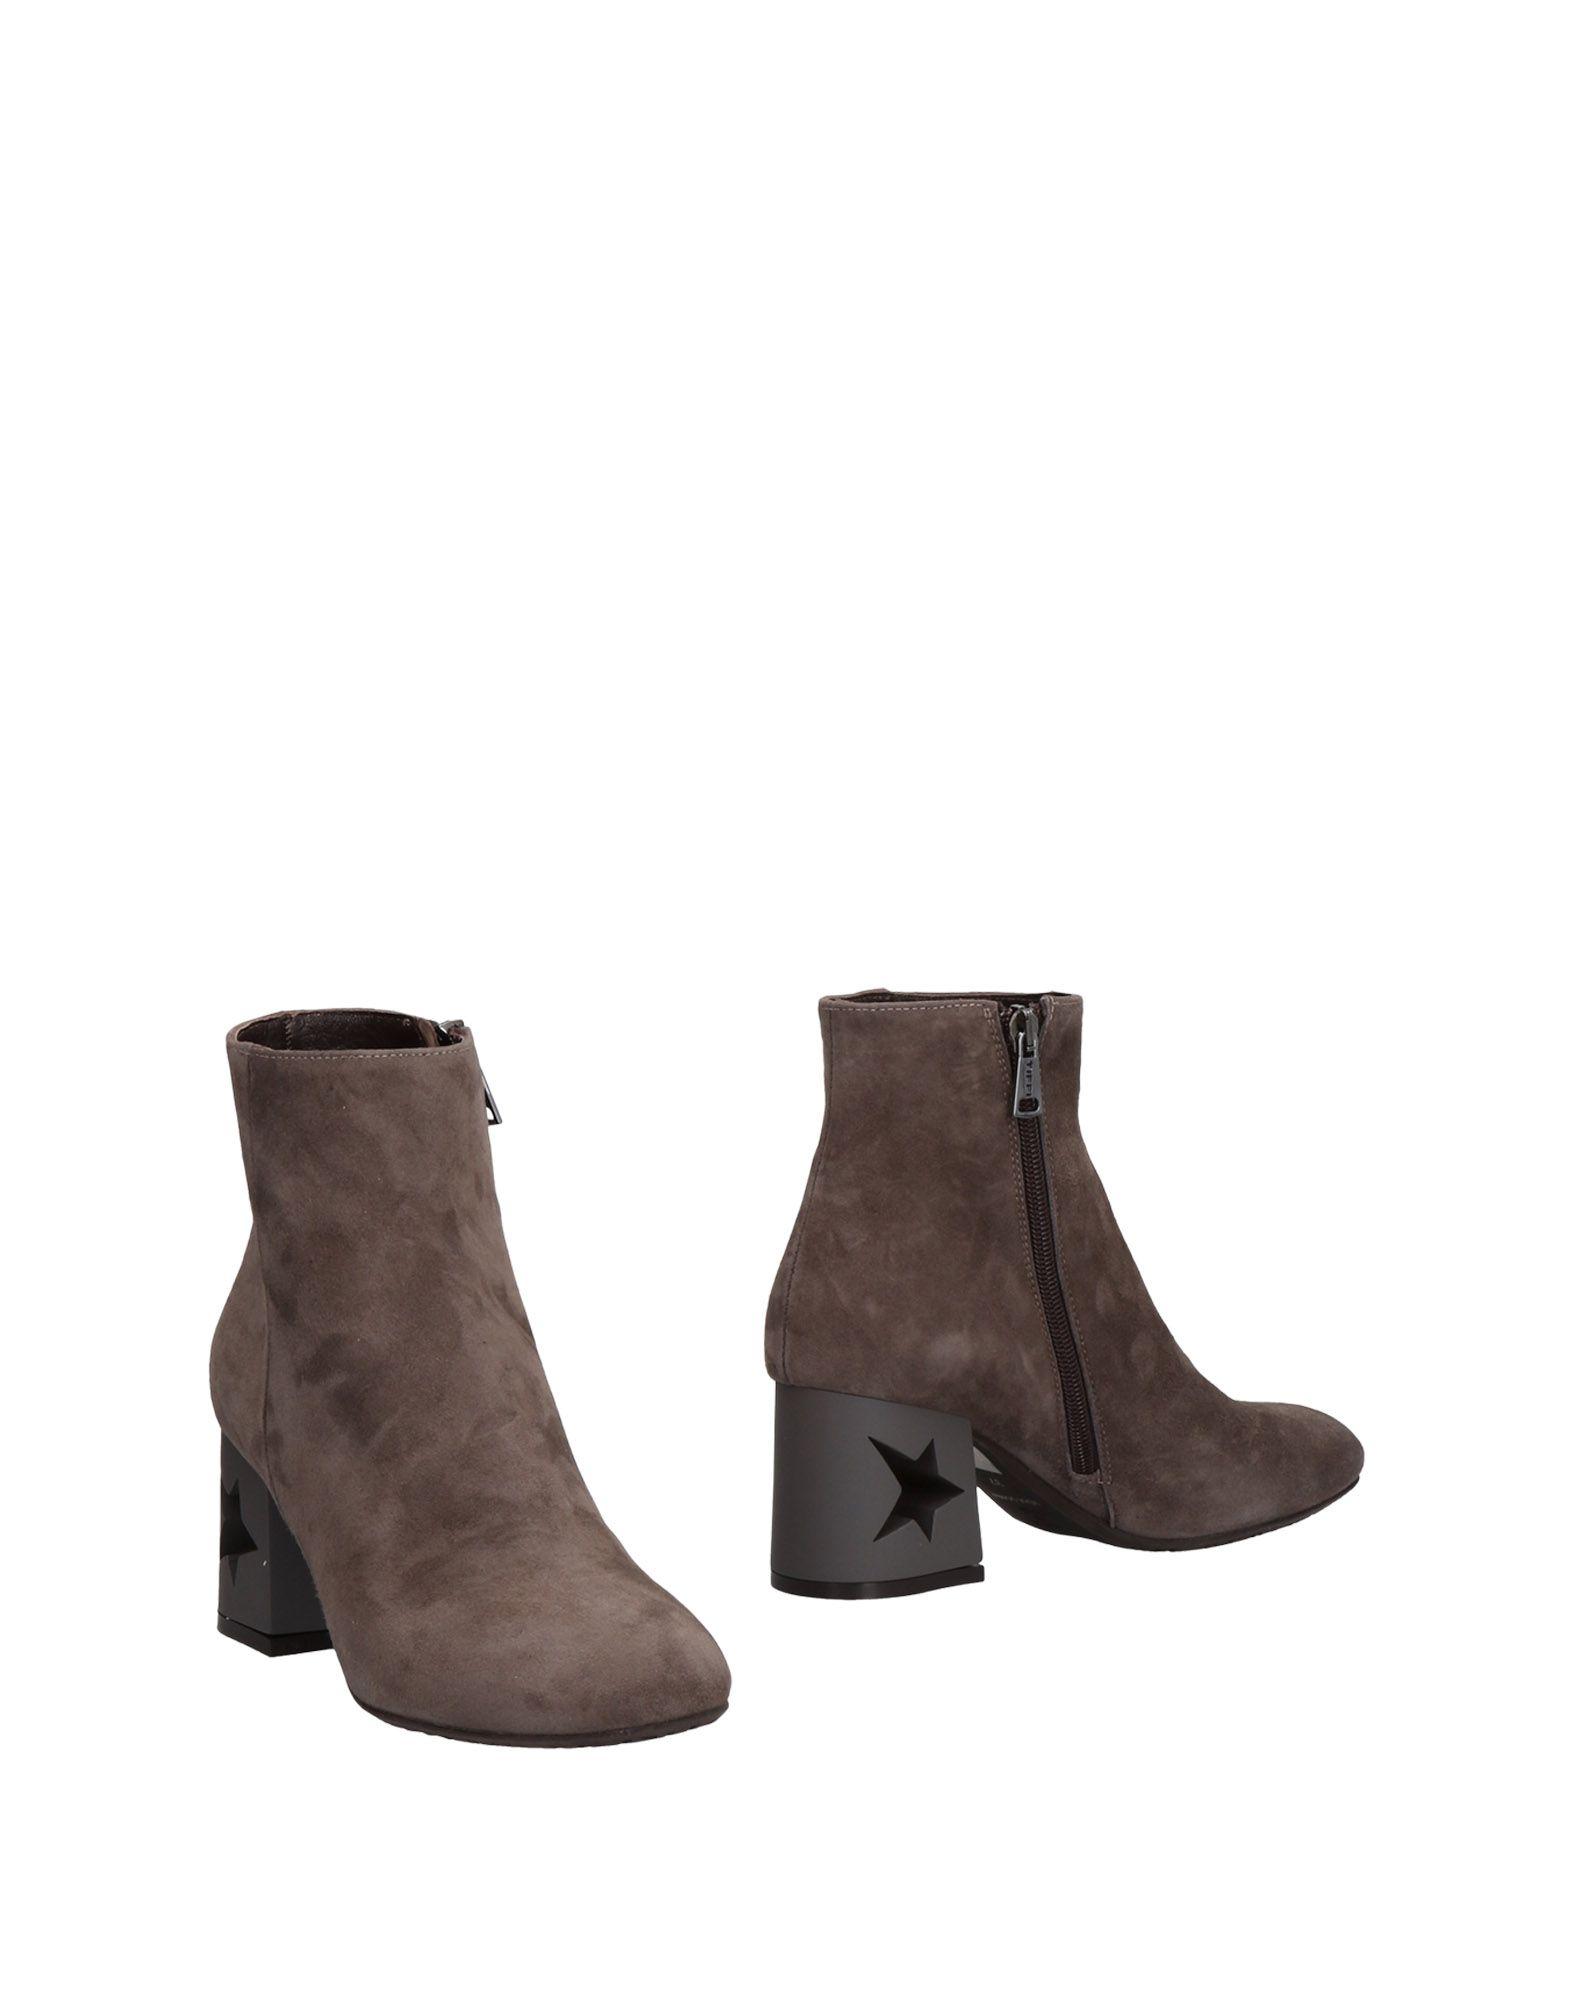 Gut um Stiefelette billige Schuhe zu tragenTiffi Stiefelette um Damen  11455553IO 8f1aae